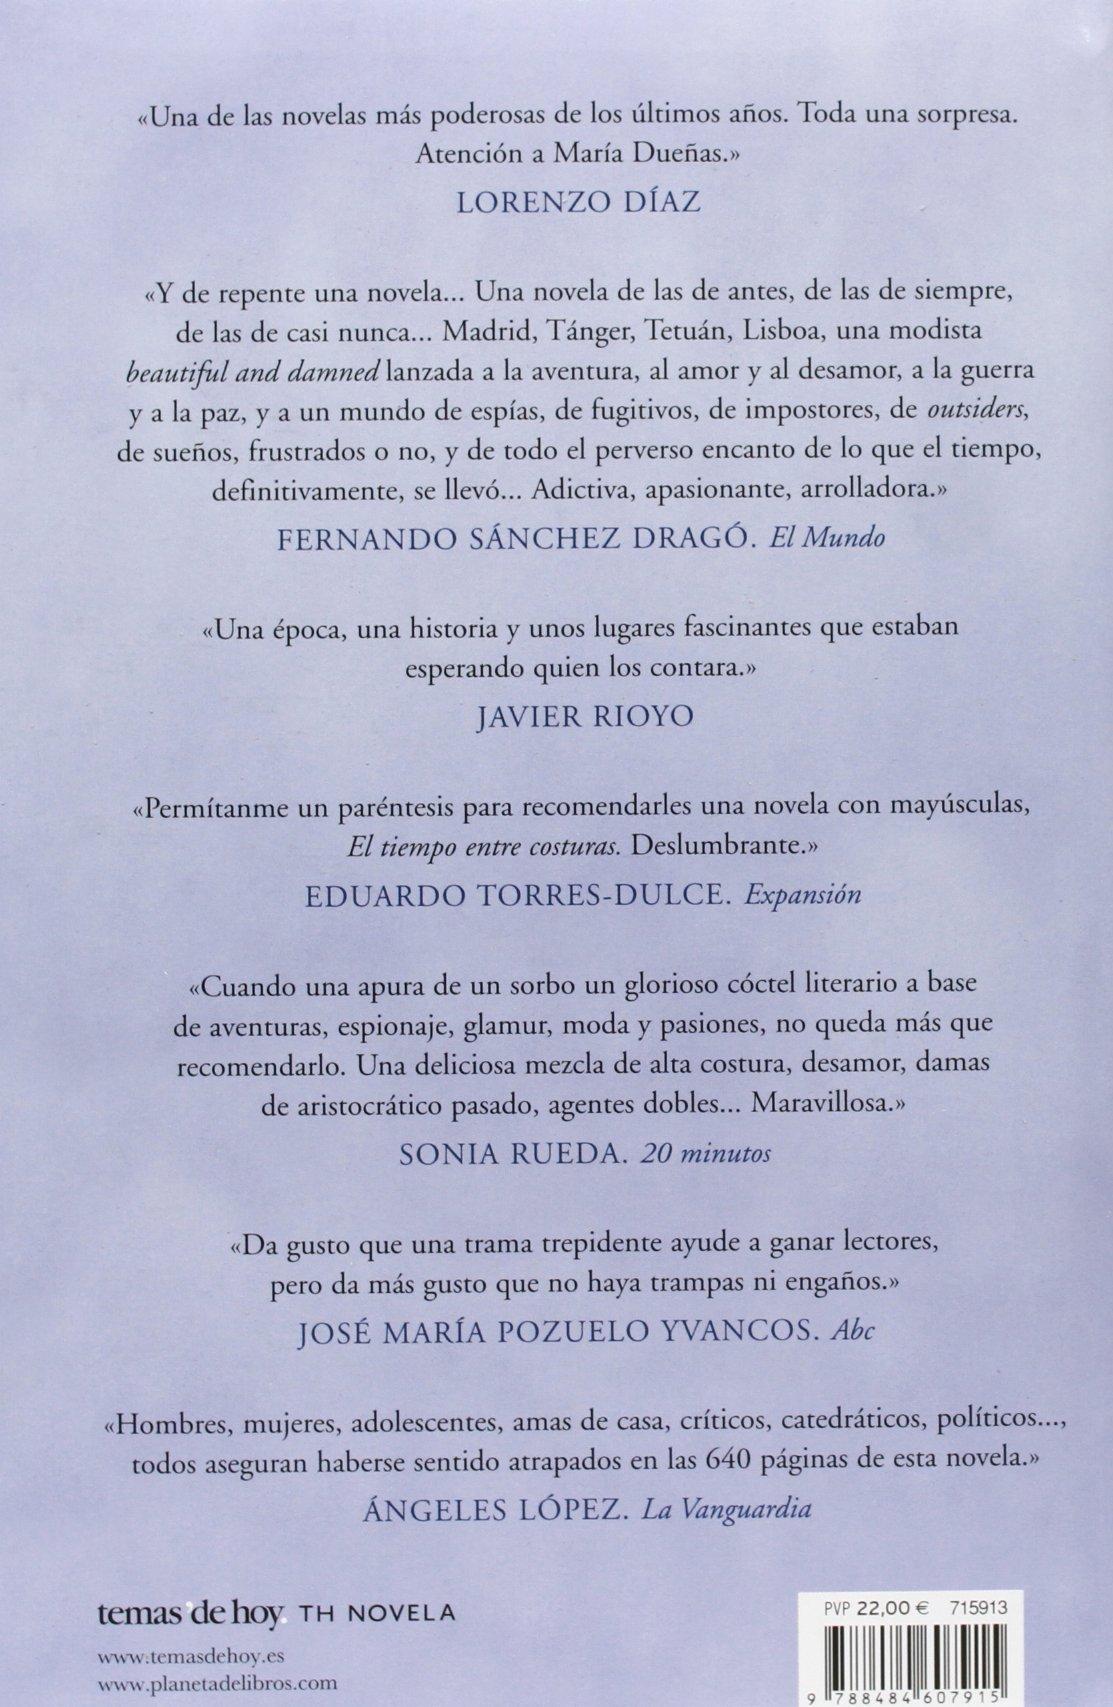 Pack El tiempo entre costuras + bloc de notas serie TH Novela ...